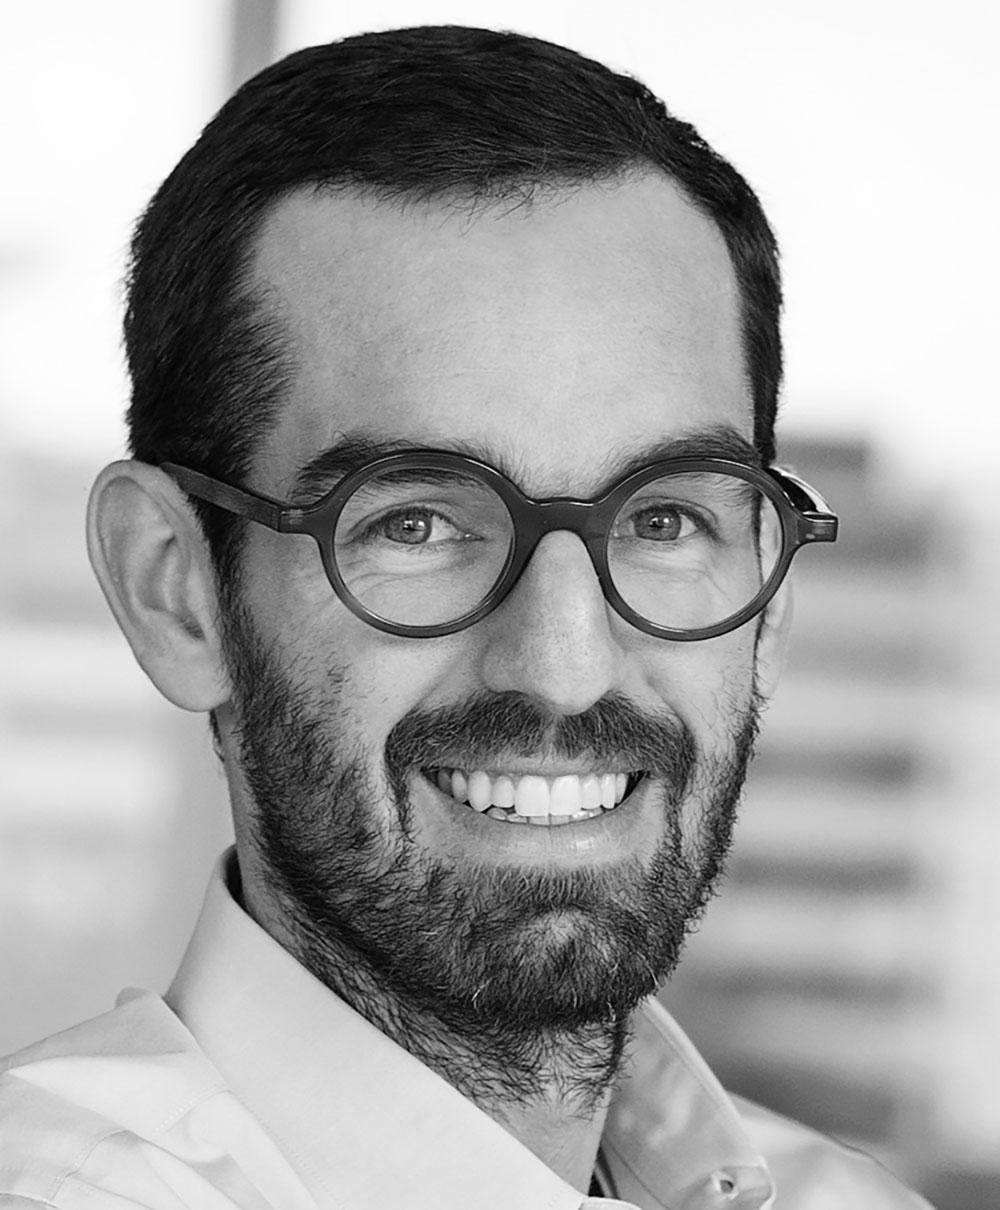 Headshot of Carlos Gutierrez De Quevedo